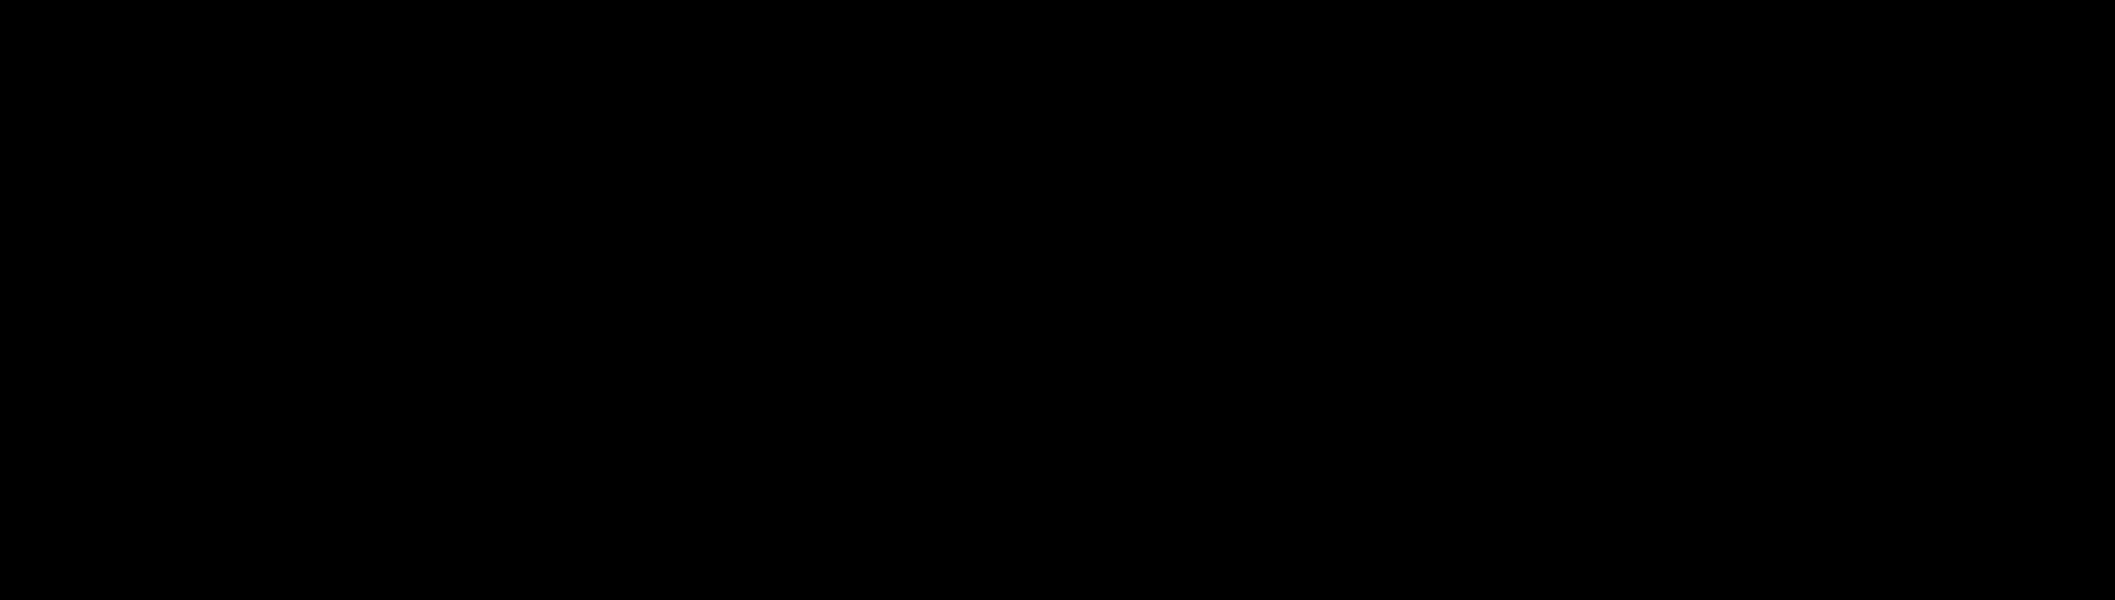 Horoscope de la semaine prochaine pour le Poissons